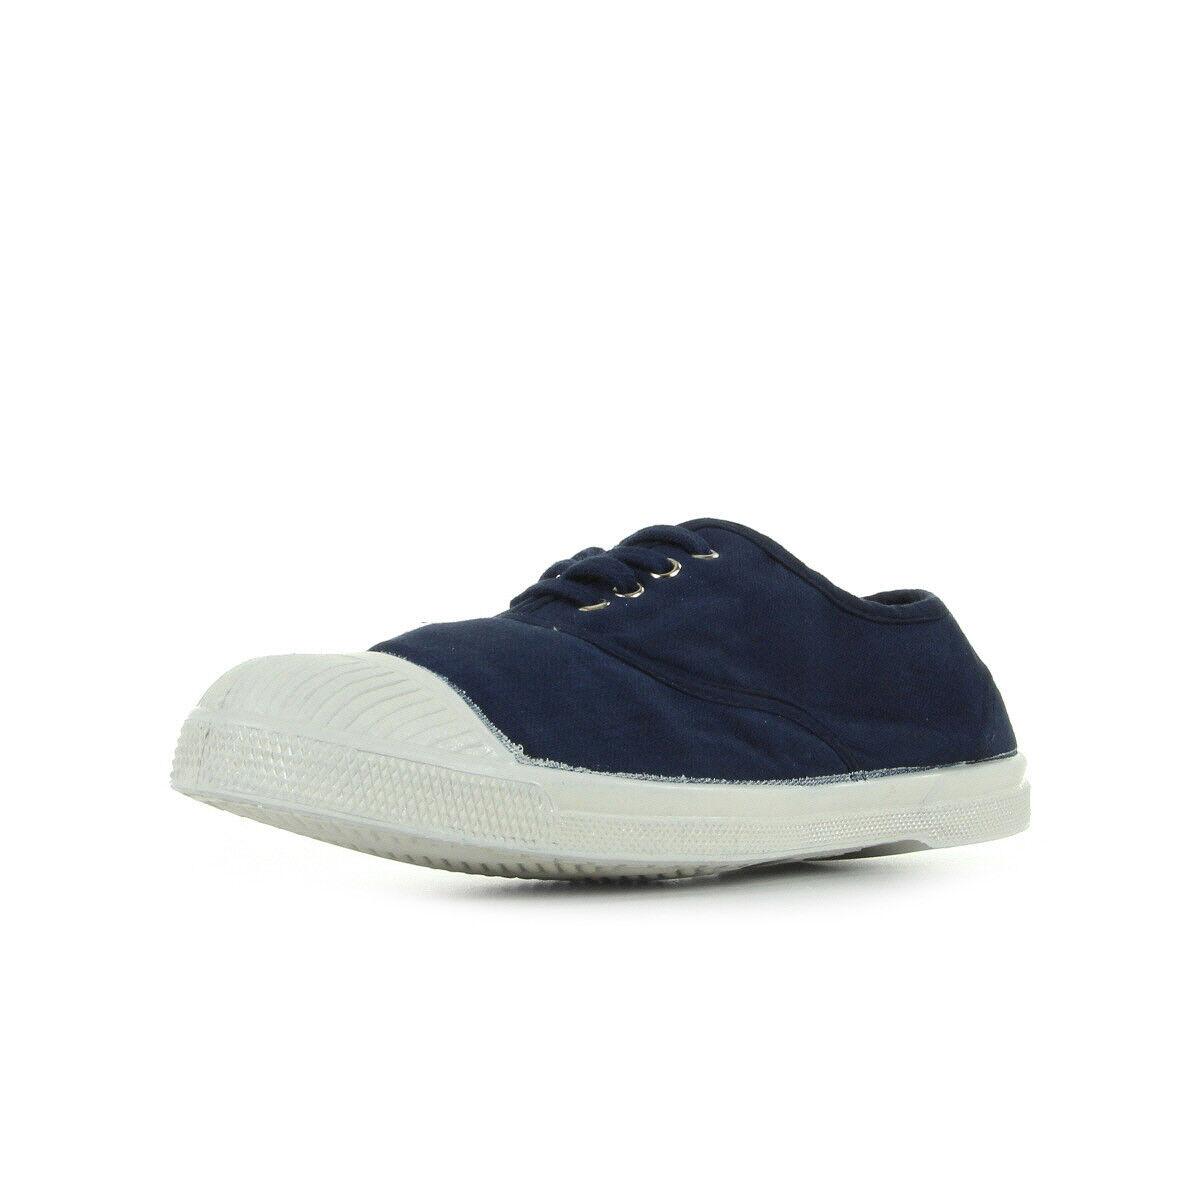 shoes Baskets Bensimon femme Ten Lacet Marine size blue marine bluee